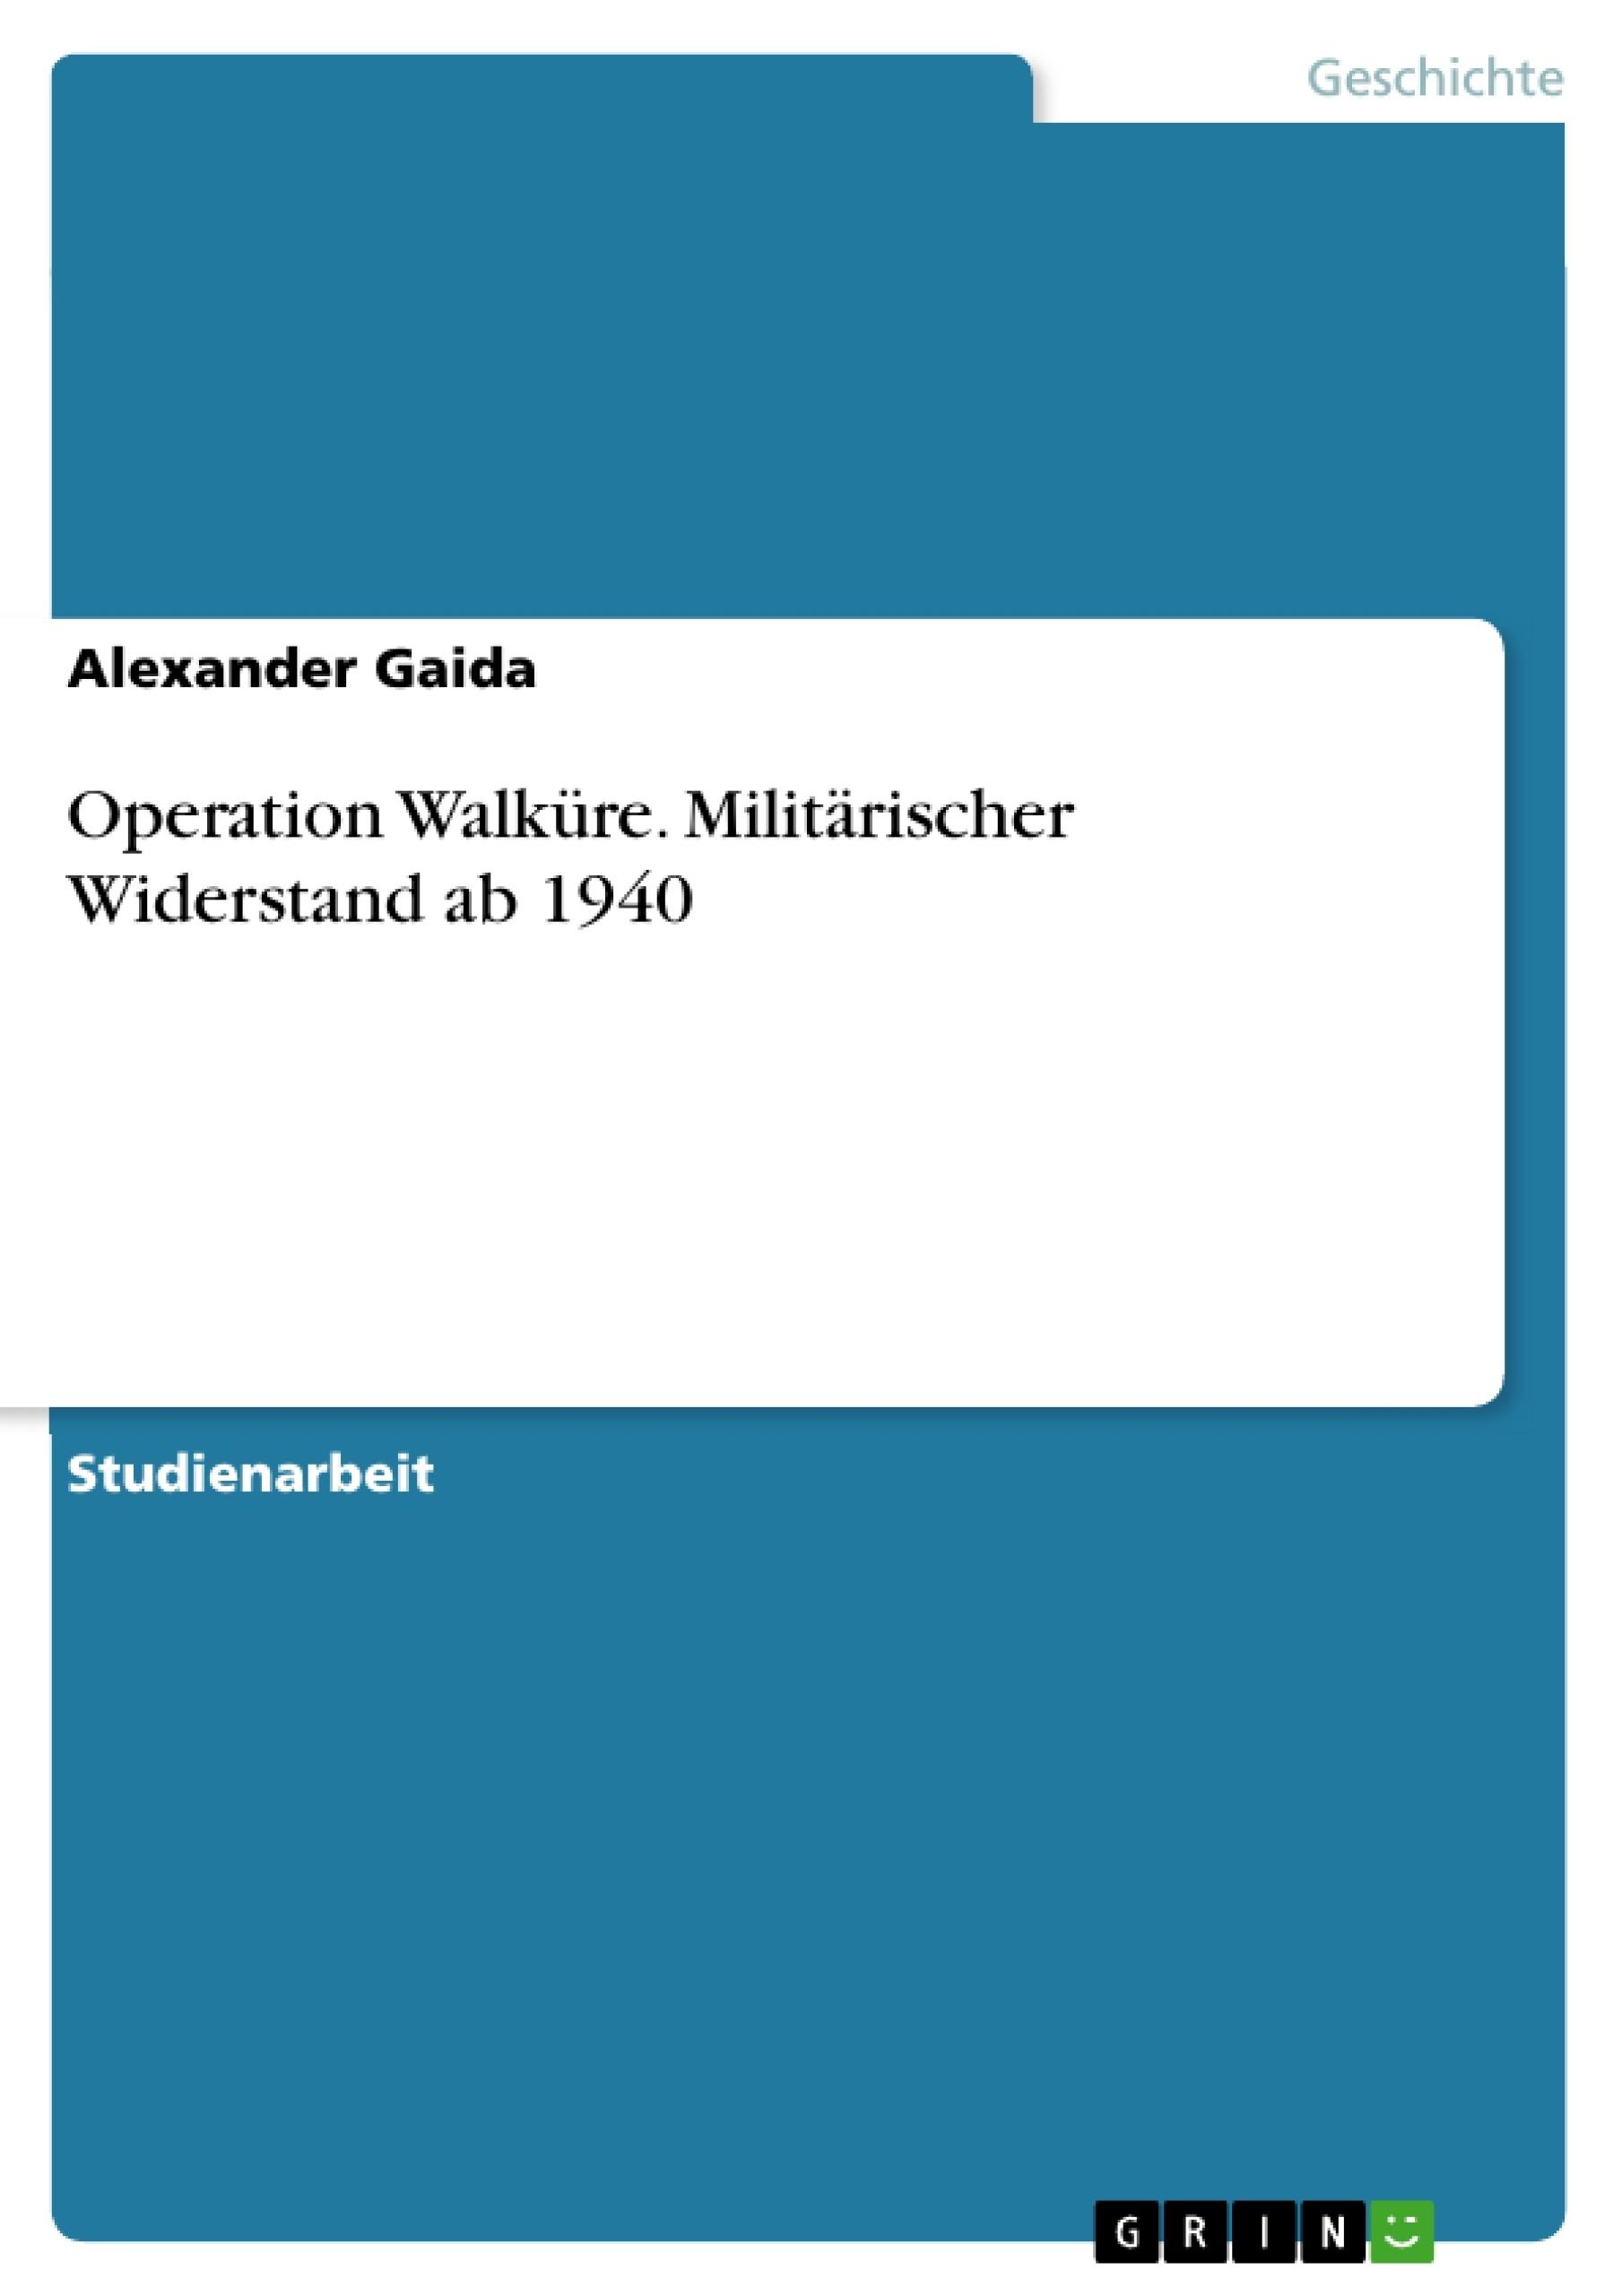 Titel: Operation Walküre. Militärischer Widerstand ab 1940